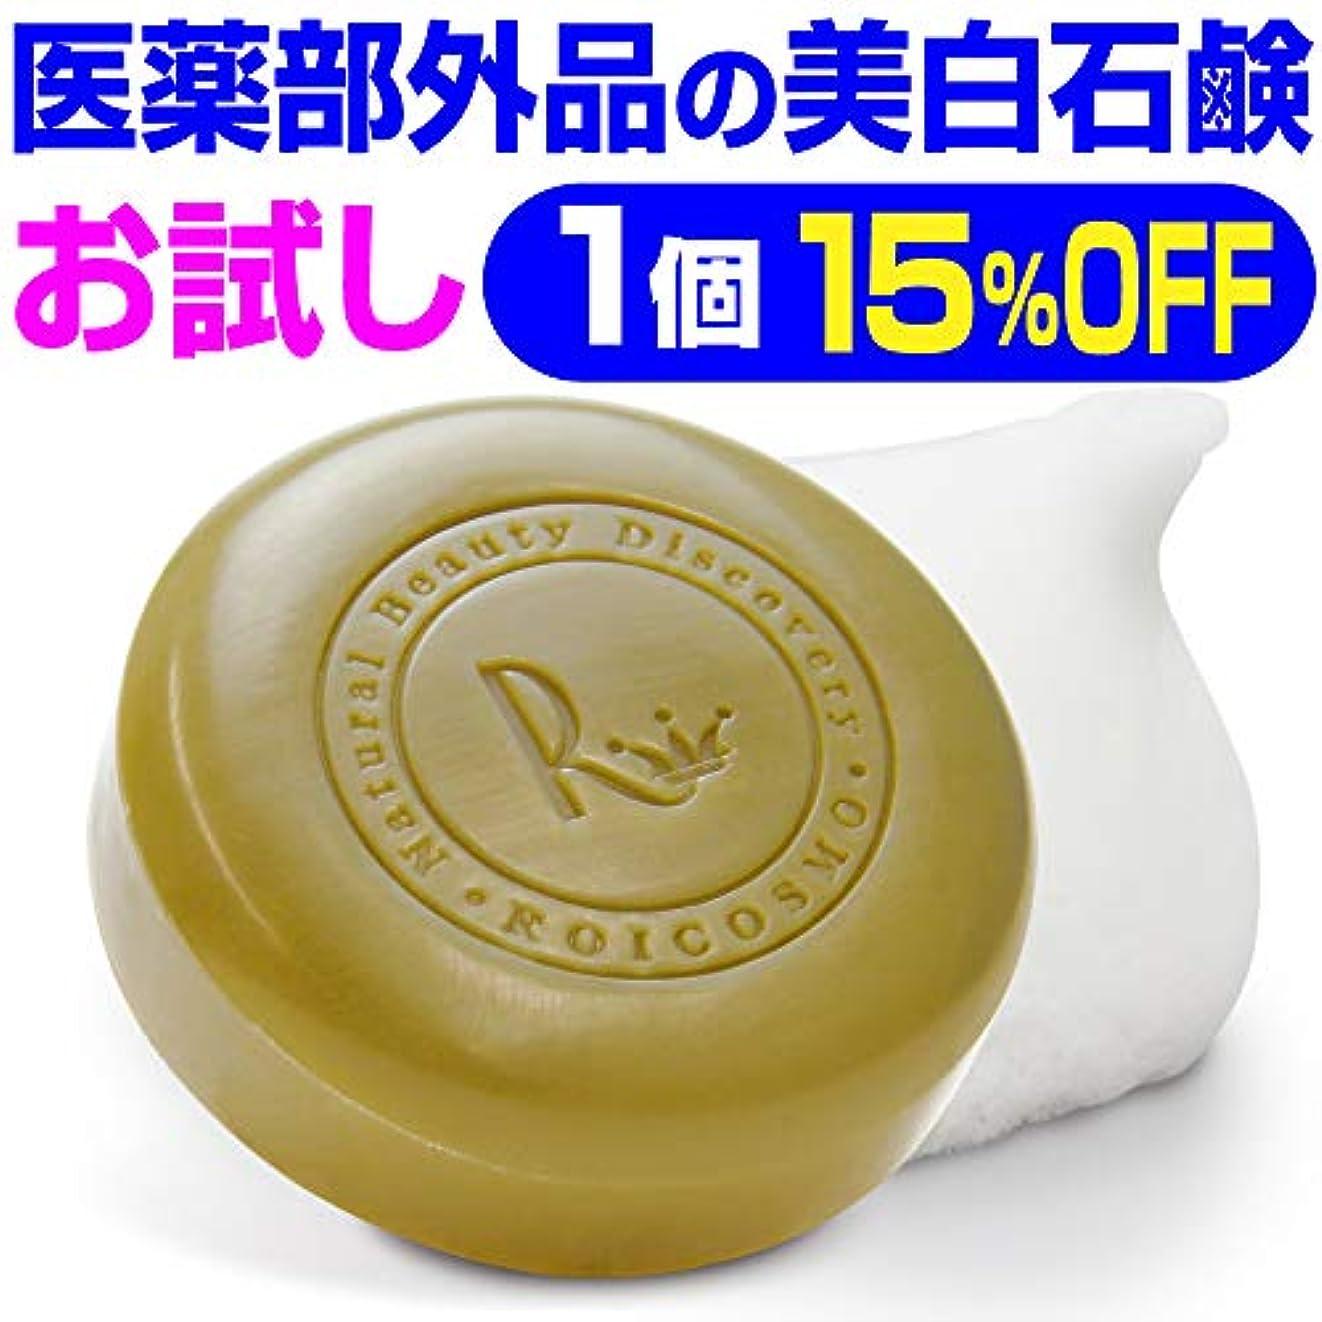 リビングルームレギュラー万歳お試し15%OFF ビタミンC270倍の美白成分配合の 洗顔石鹸 固形『ホワイトソープ100g×1個』(初回限定)